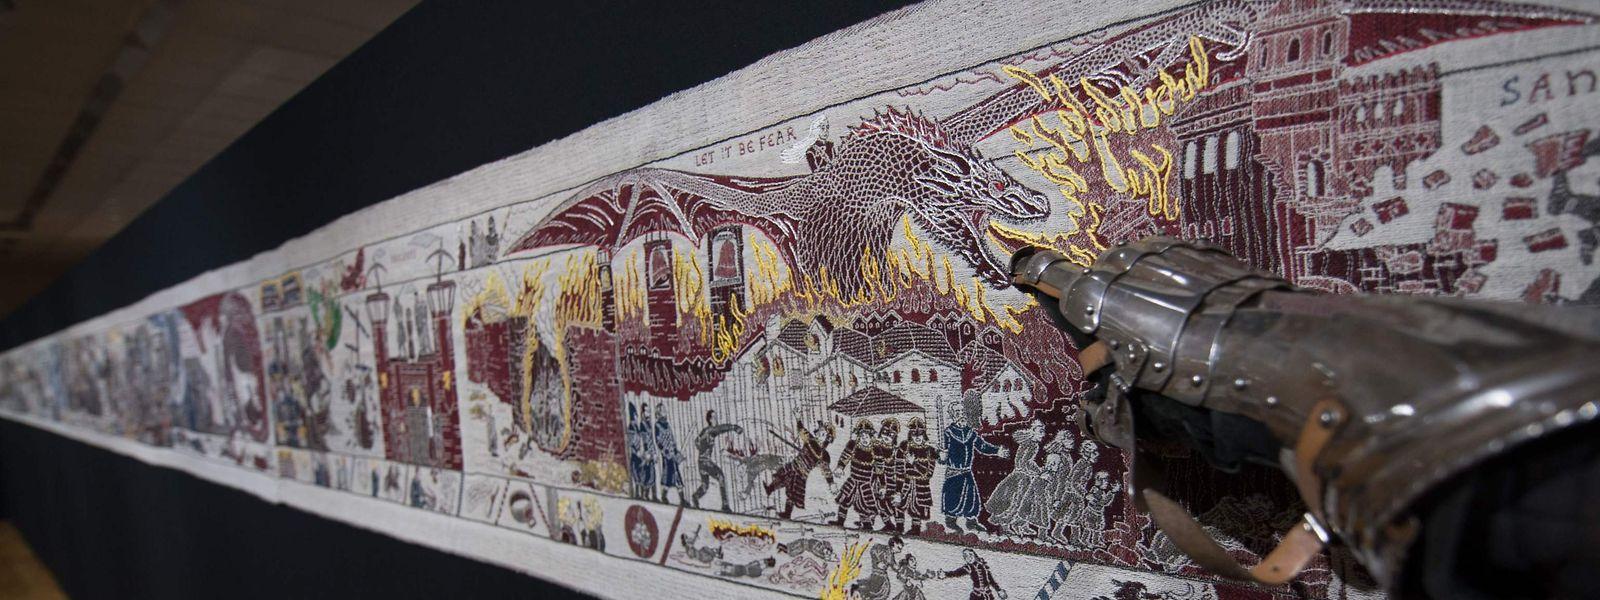 """Bayeux. Nur wenige Schritte von seiner Inspirationsquelle, dem Teppich von Bayeux, entfernt, wird bis Ende des Jahres ein etwas anderer Teppich ausgestellt. Das 90 Meter lange """"Game of Thrones Tapestry"""" ist eine Leihgabe des Ulster Museum in Belfast und erzählt von den denkwürdigsten Momenten der erfolgreichen HBO-Serie """"Game of Thrones""""."""